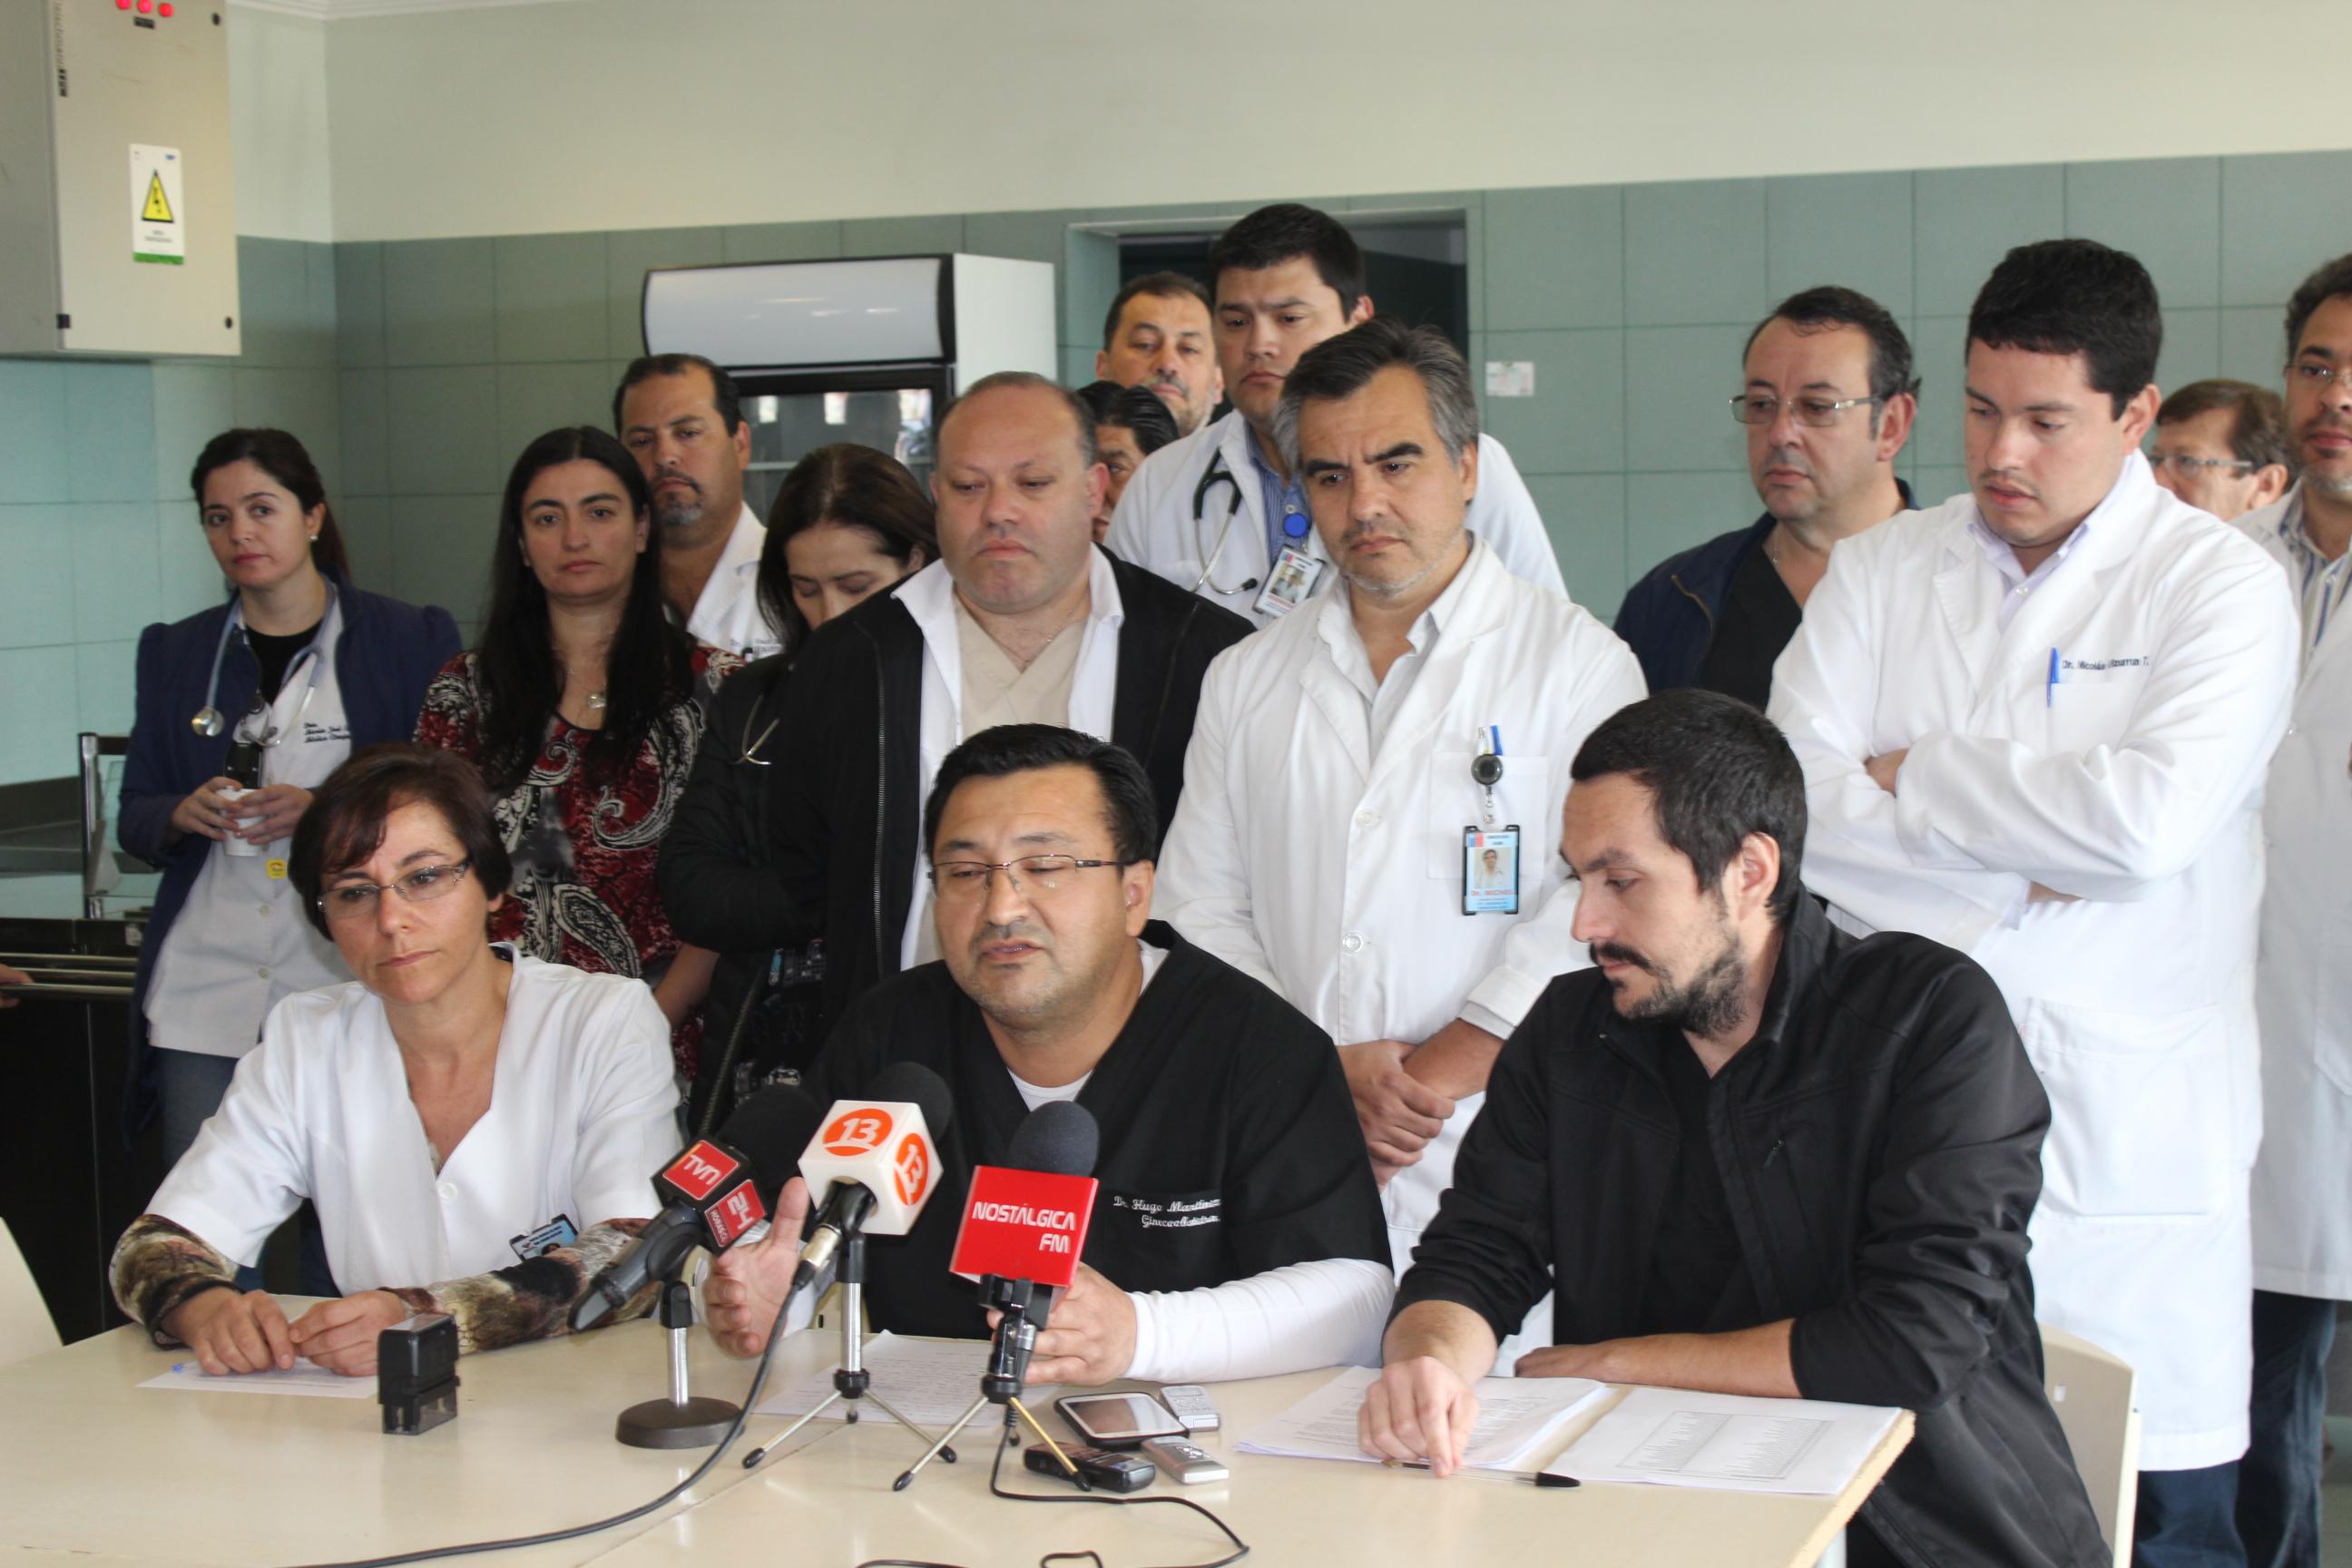 Médicos de HPH deponen paro pero se pliegan a movilización indefinida del lunes 25 de la ANEF